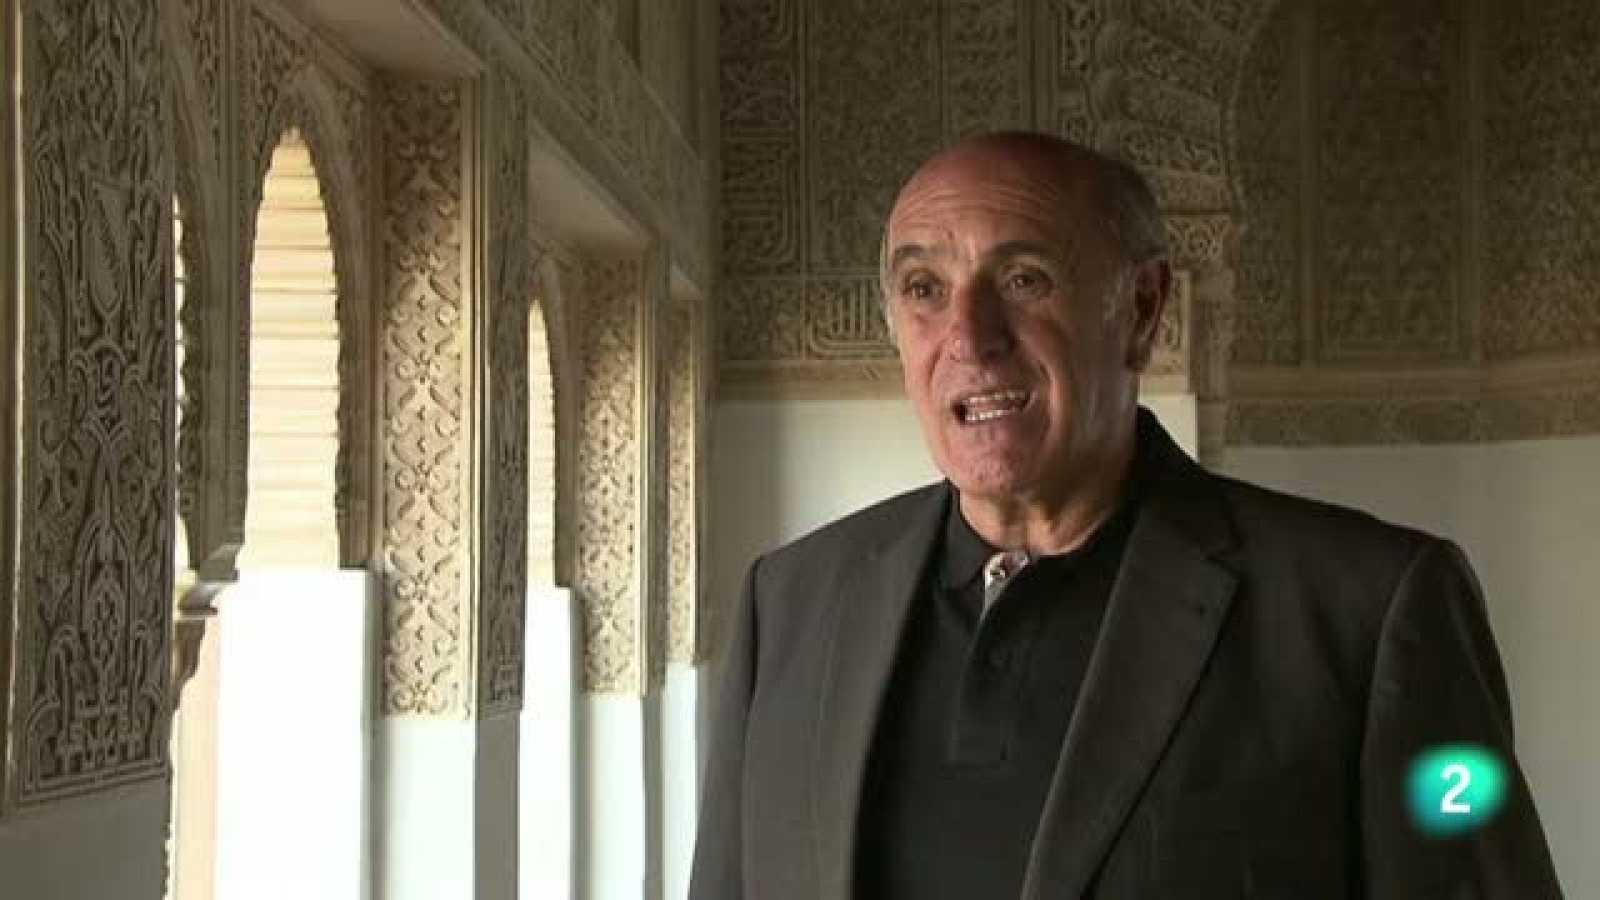 Crónicas - Matemáticas para rezar en la Alhambra - ver vídeo